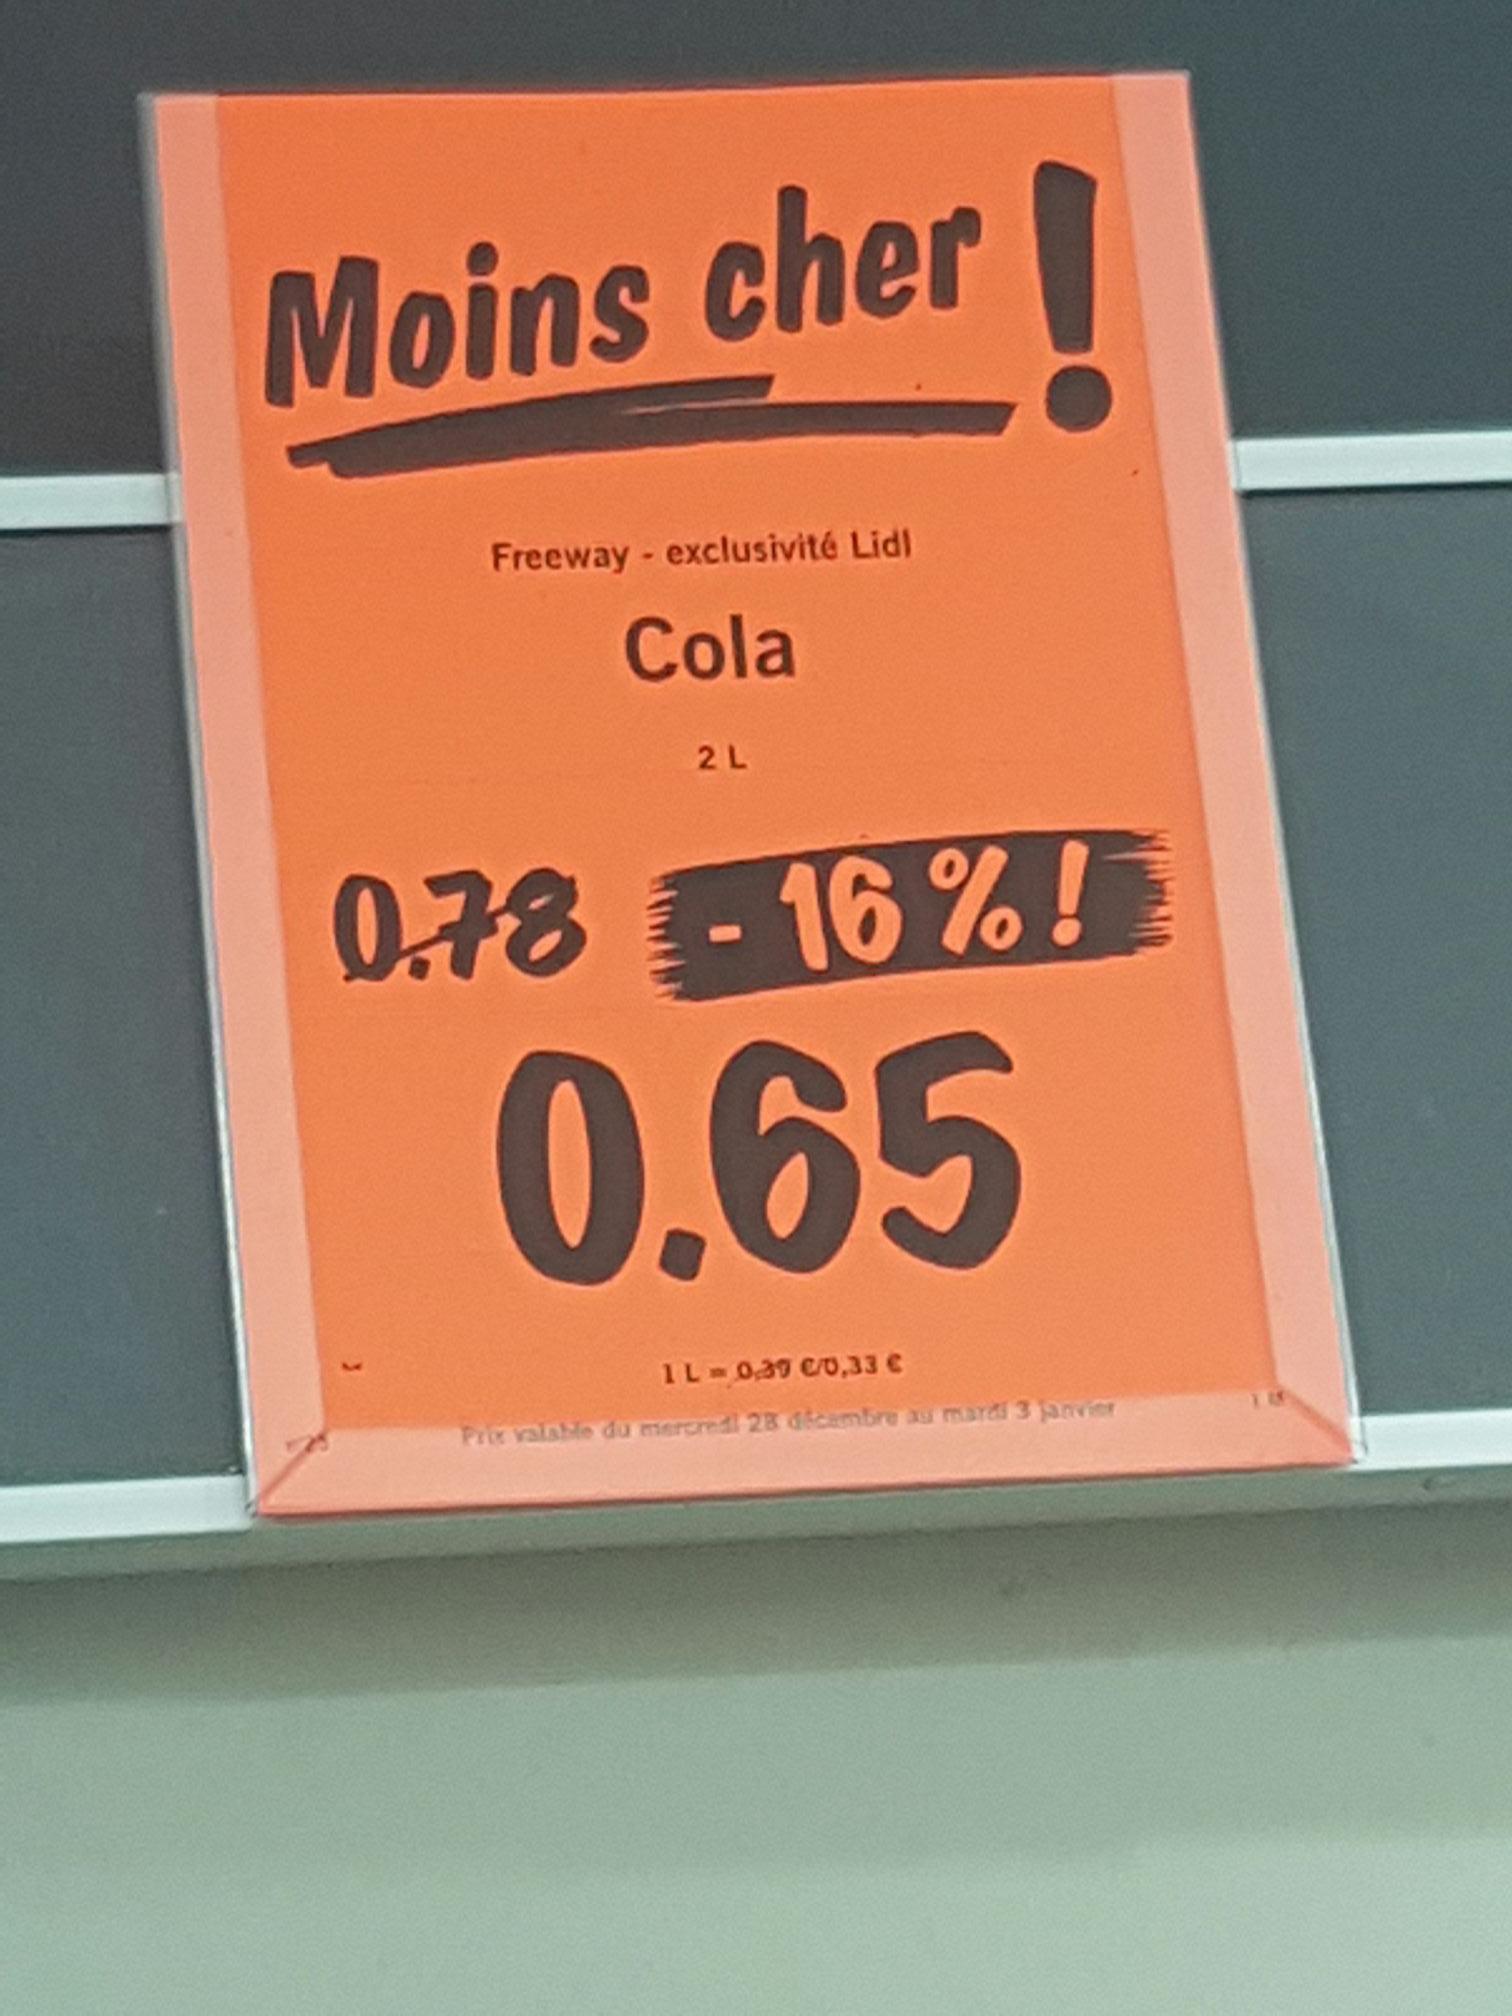 Bouteille de Cola Freeway - 2L